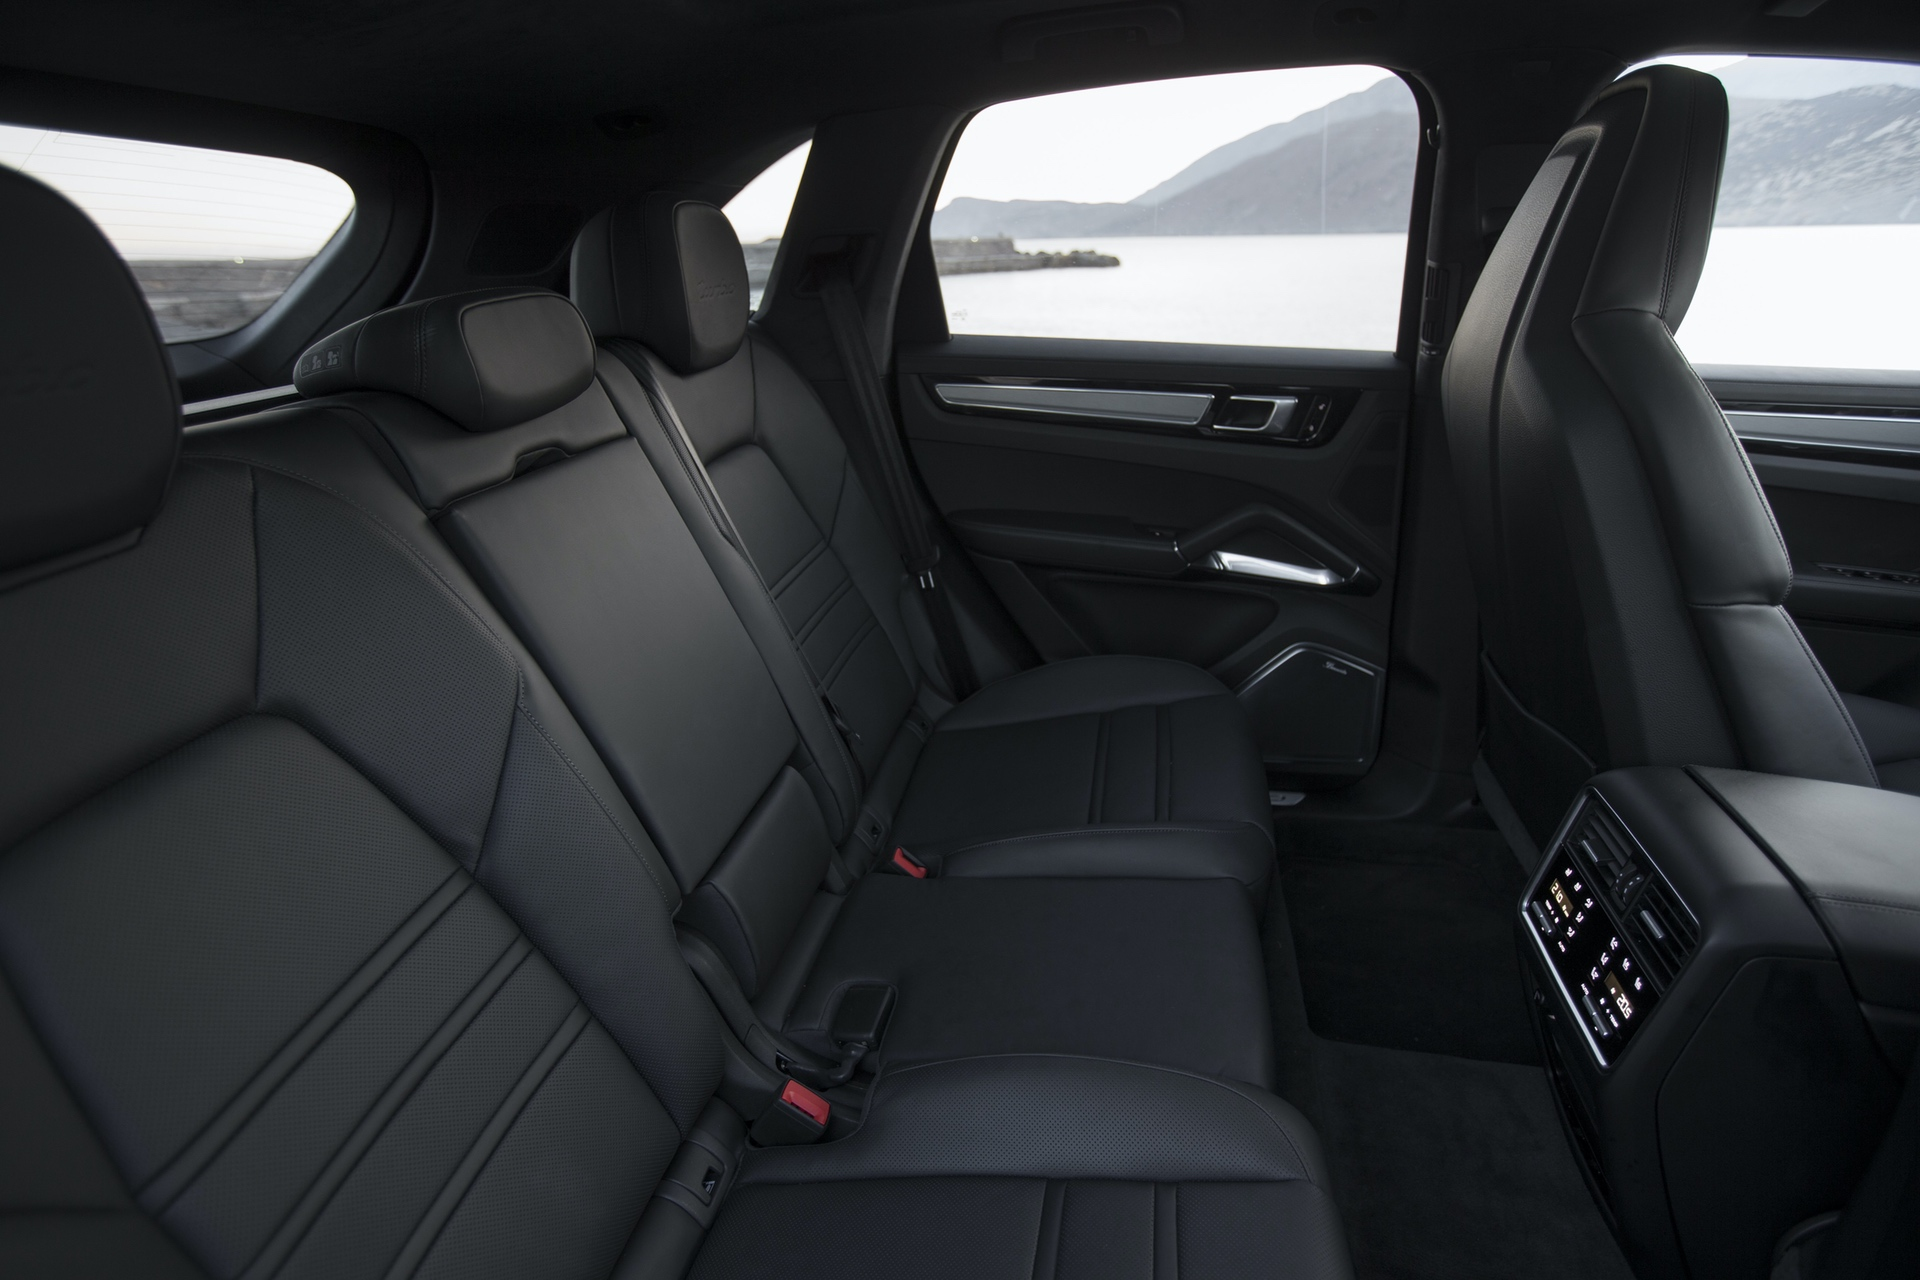 Test_Drive_Porsche_Cayenne_103